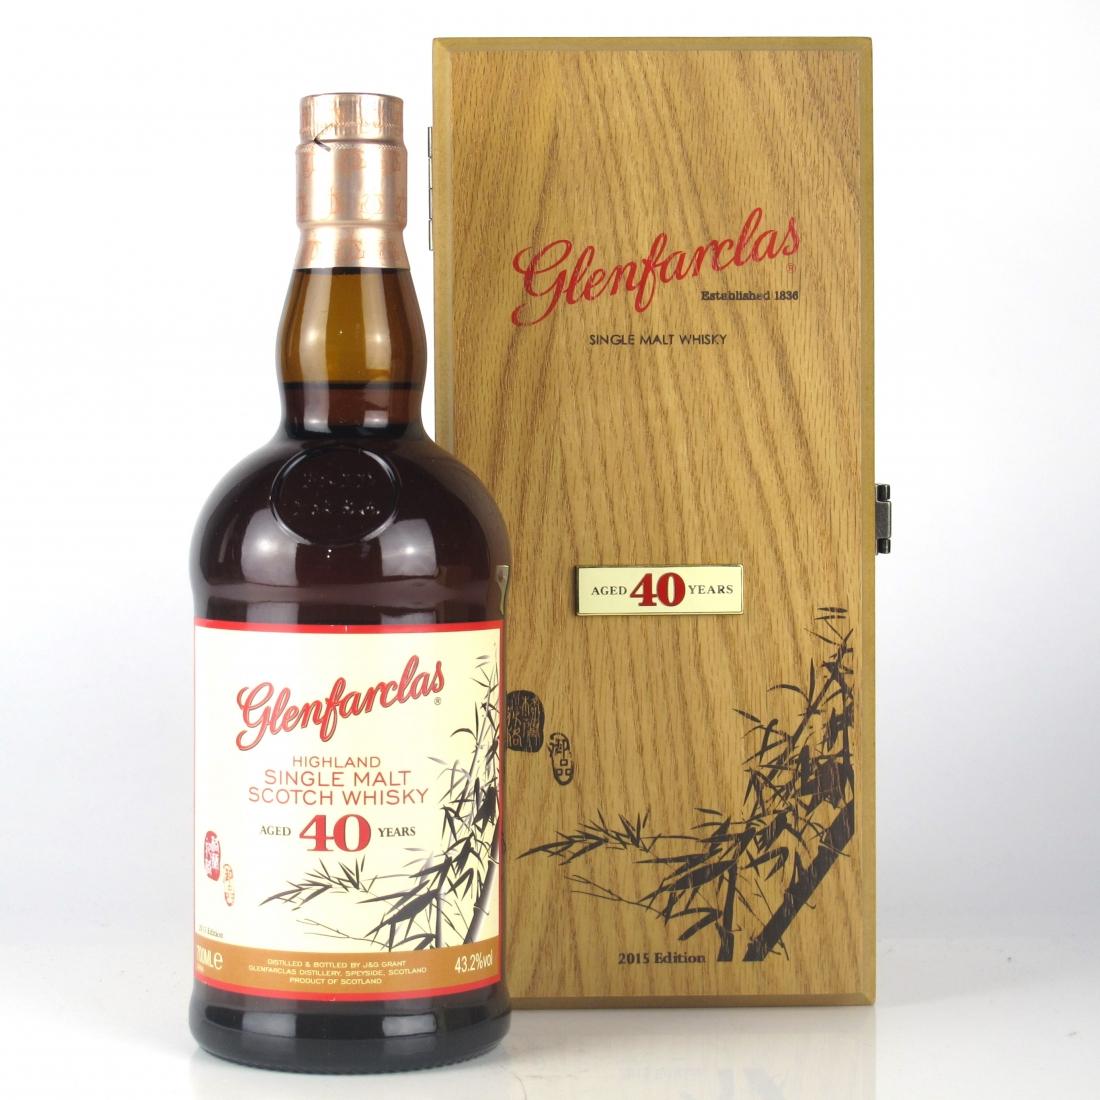 Glenfarclas 40 Year Old 2015 Edition